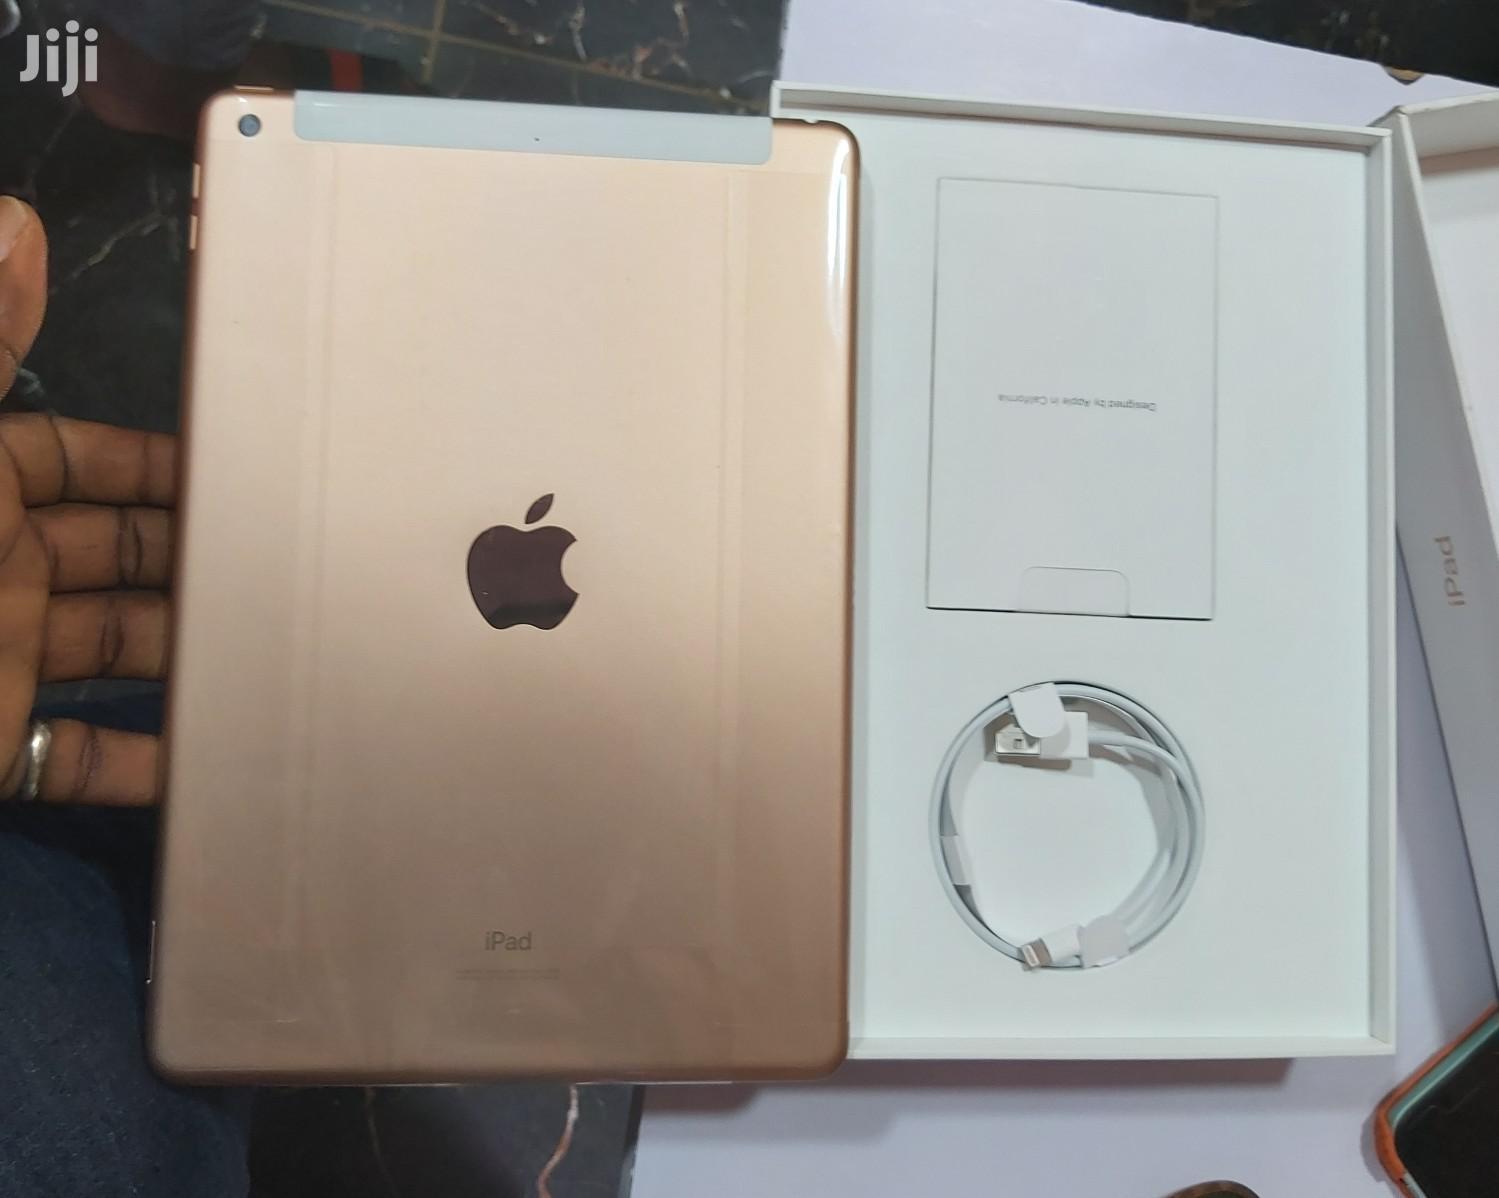 New Apple iPad Air 32 GB Pink